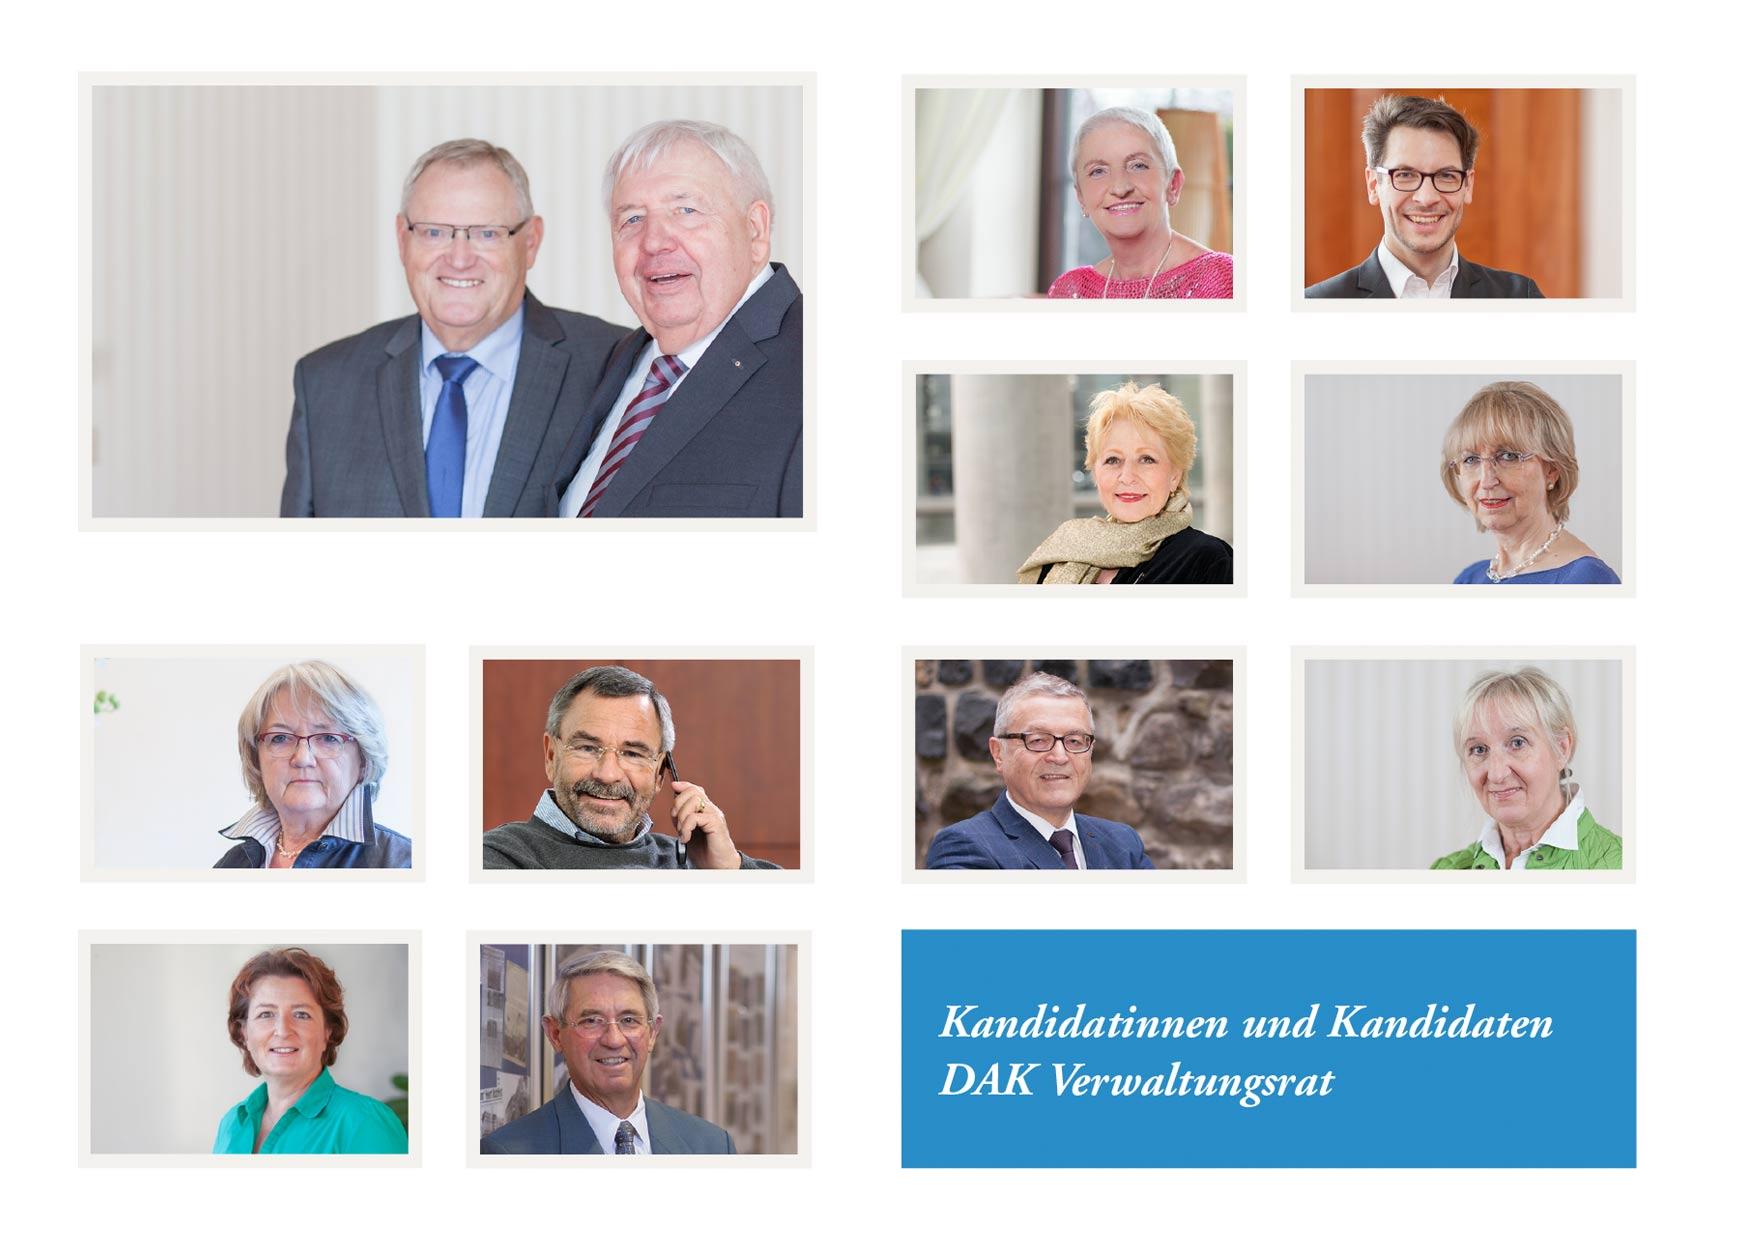 Vorschau Kandidaten DAK